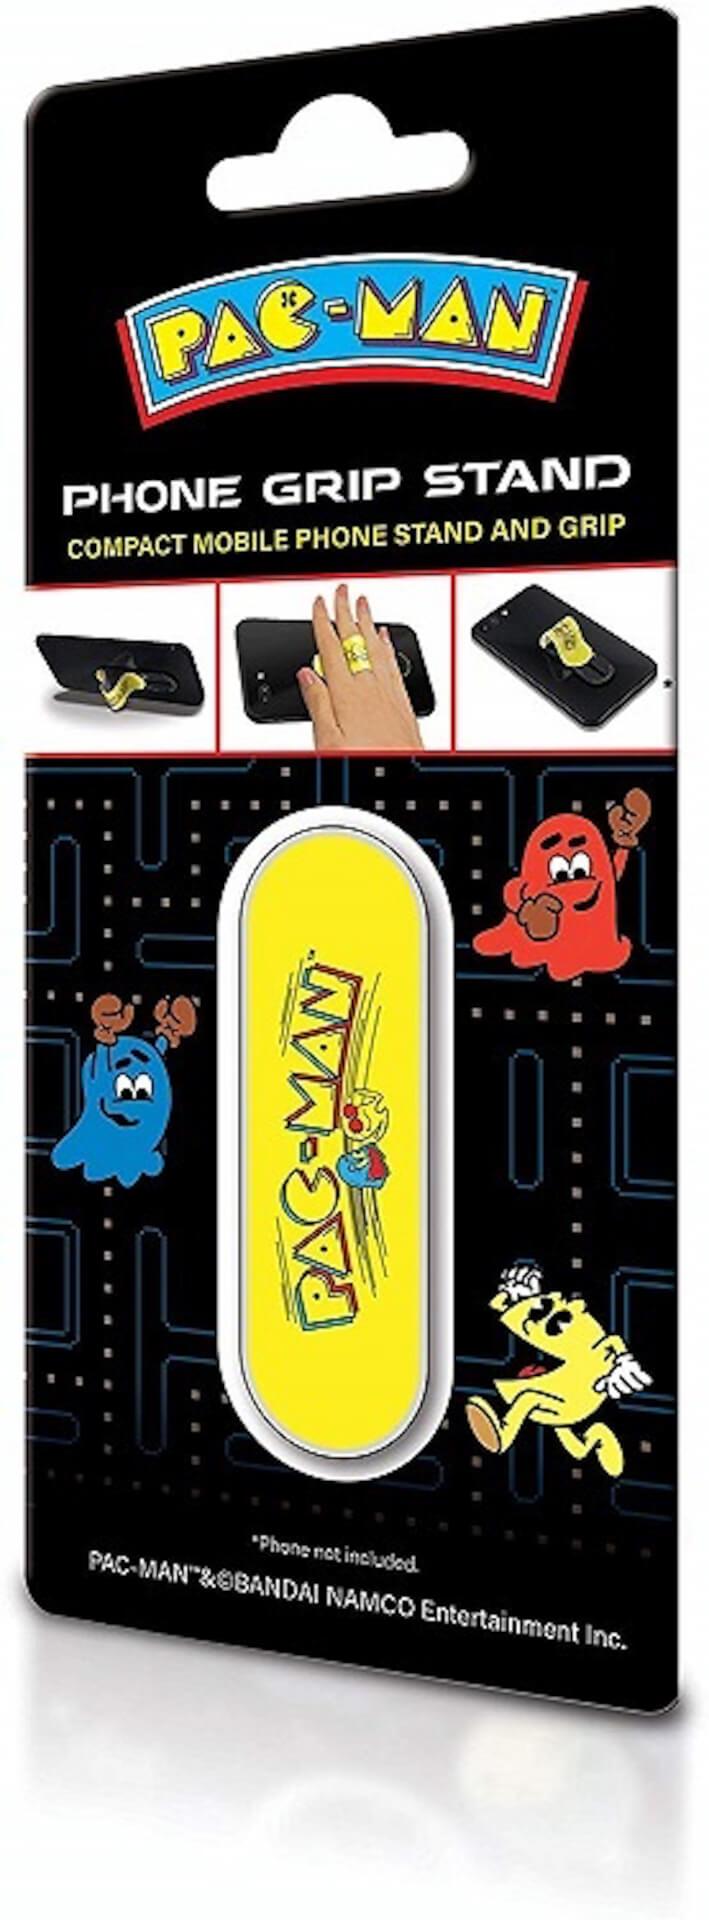 パックマンのミニチュアアーケードが家にやってくる!誕生40周年を記念した小型ゲーム機が続々登場 tech200610_pacman_4